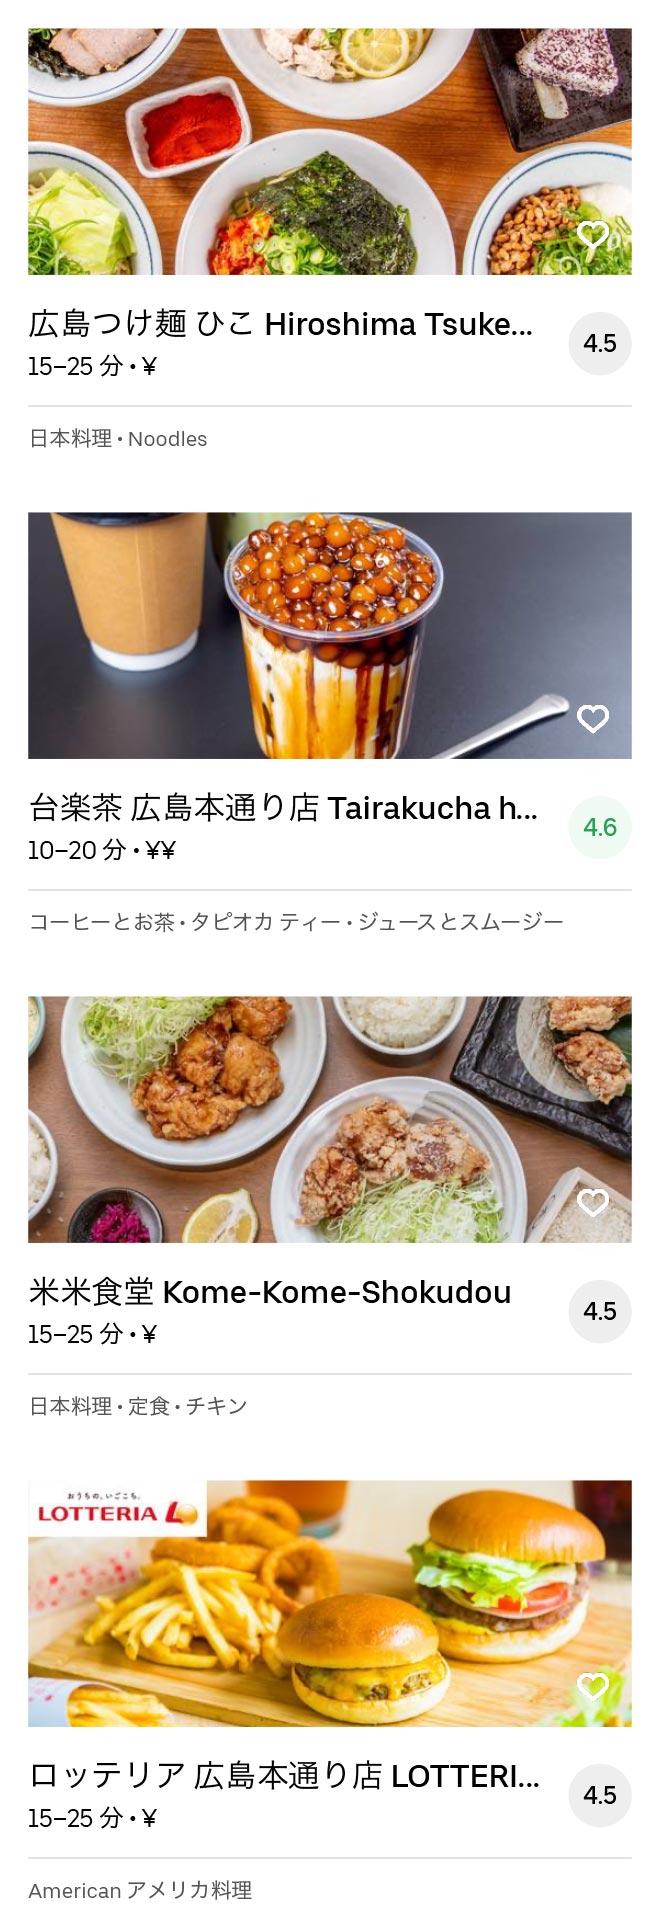 Hiroshima menu 2005 04